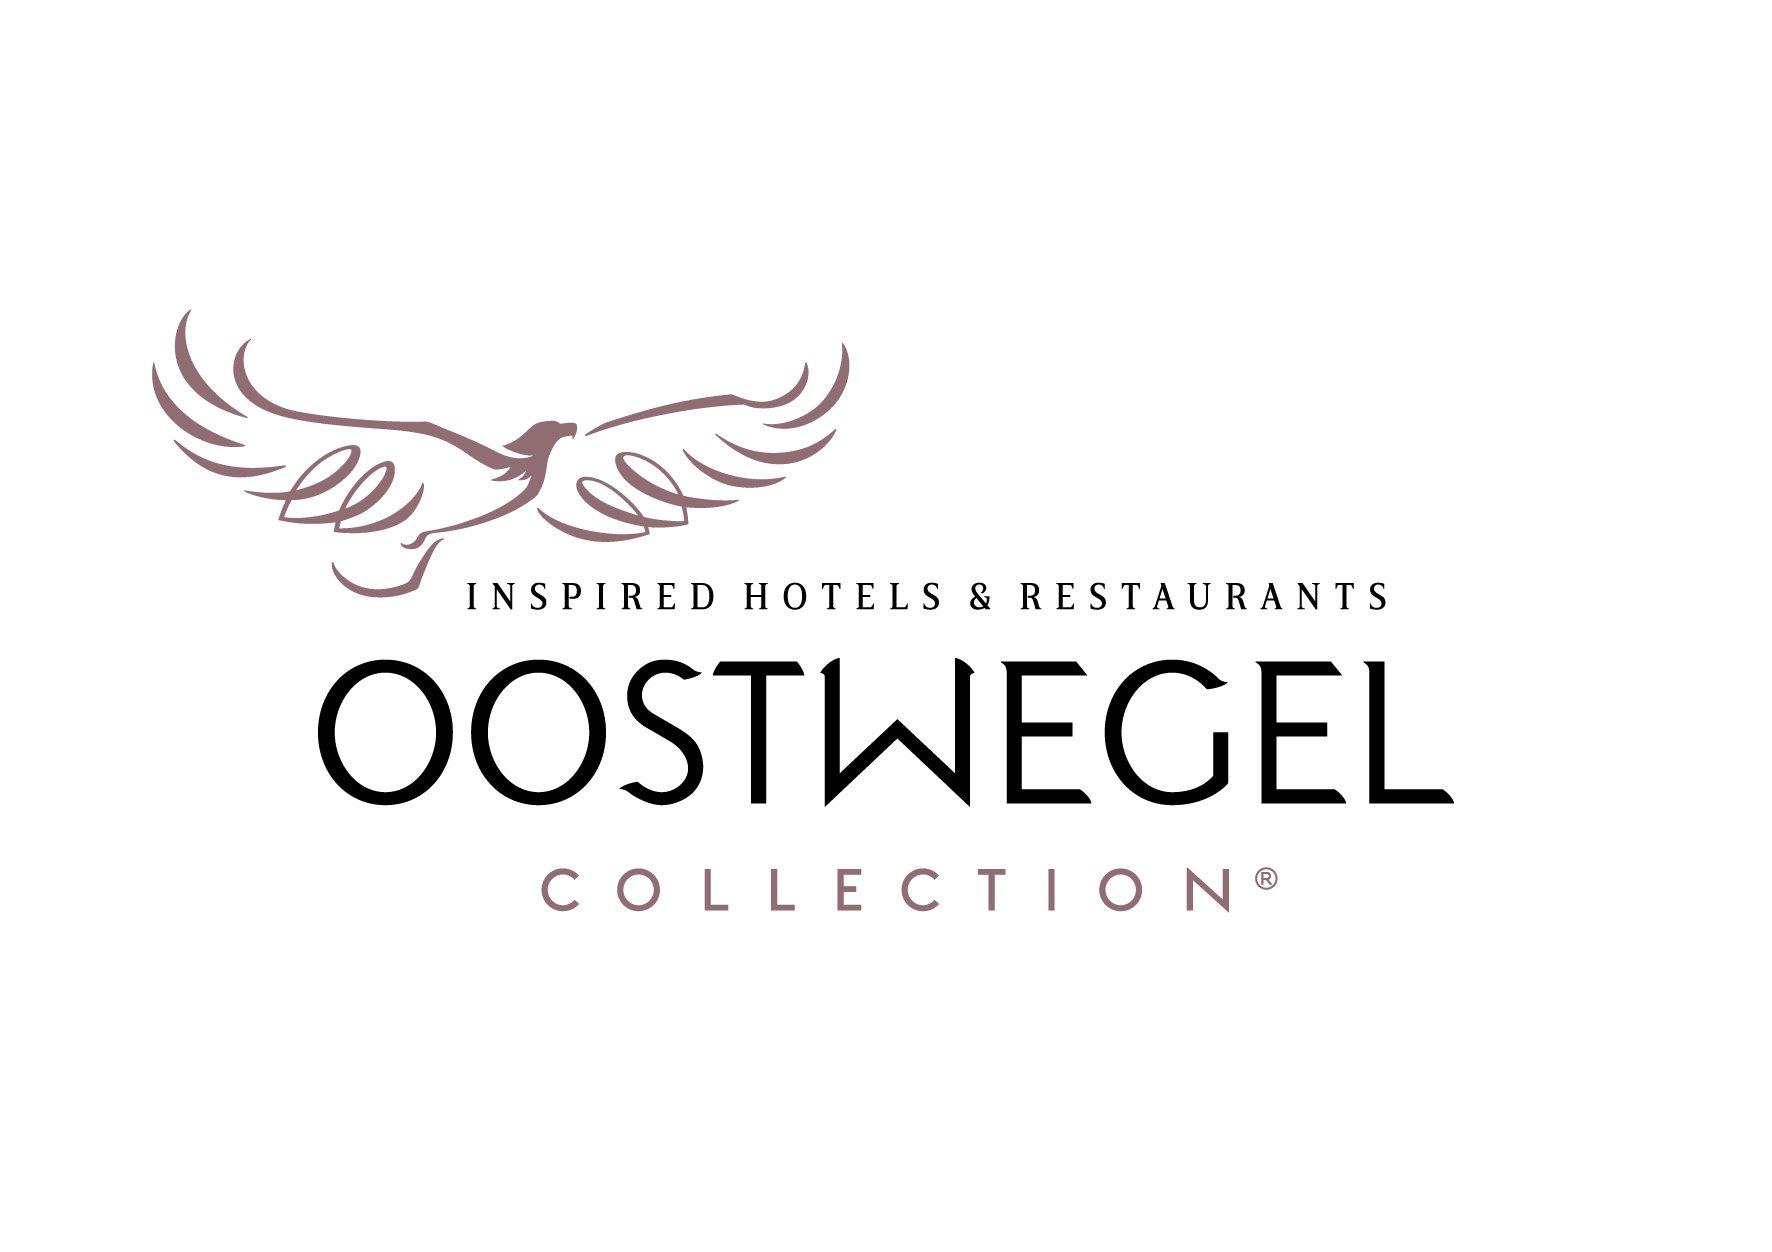 Afbeeldingsresultaat voor oostwegel collection